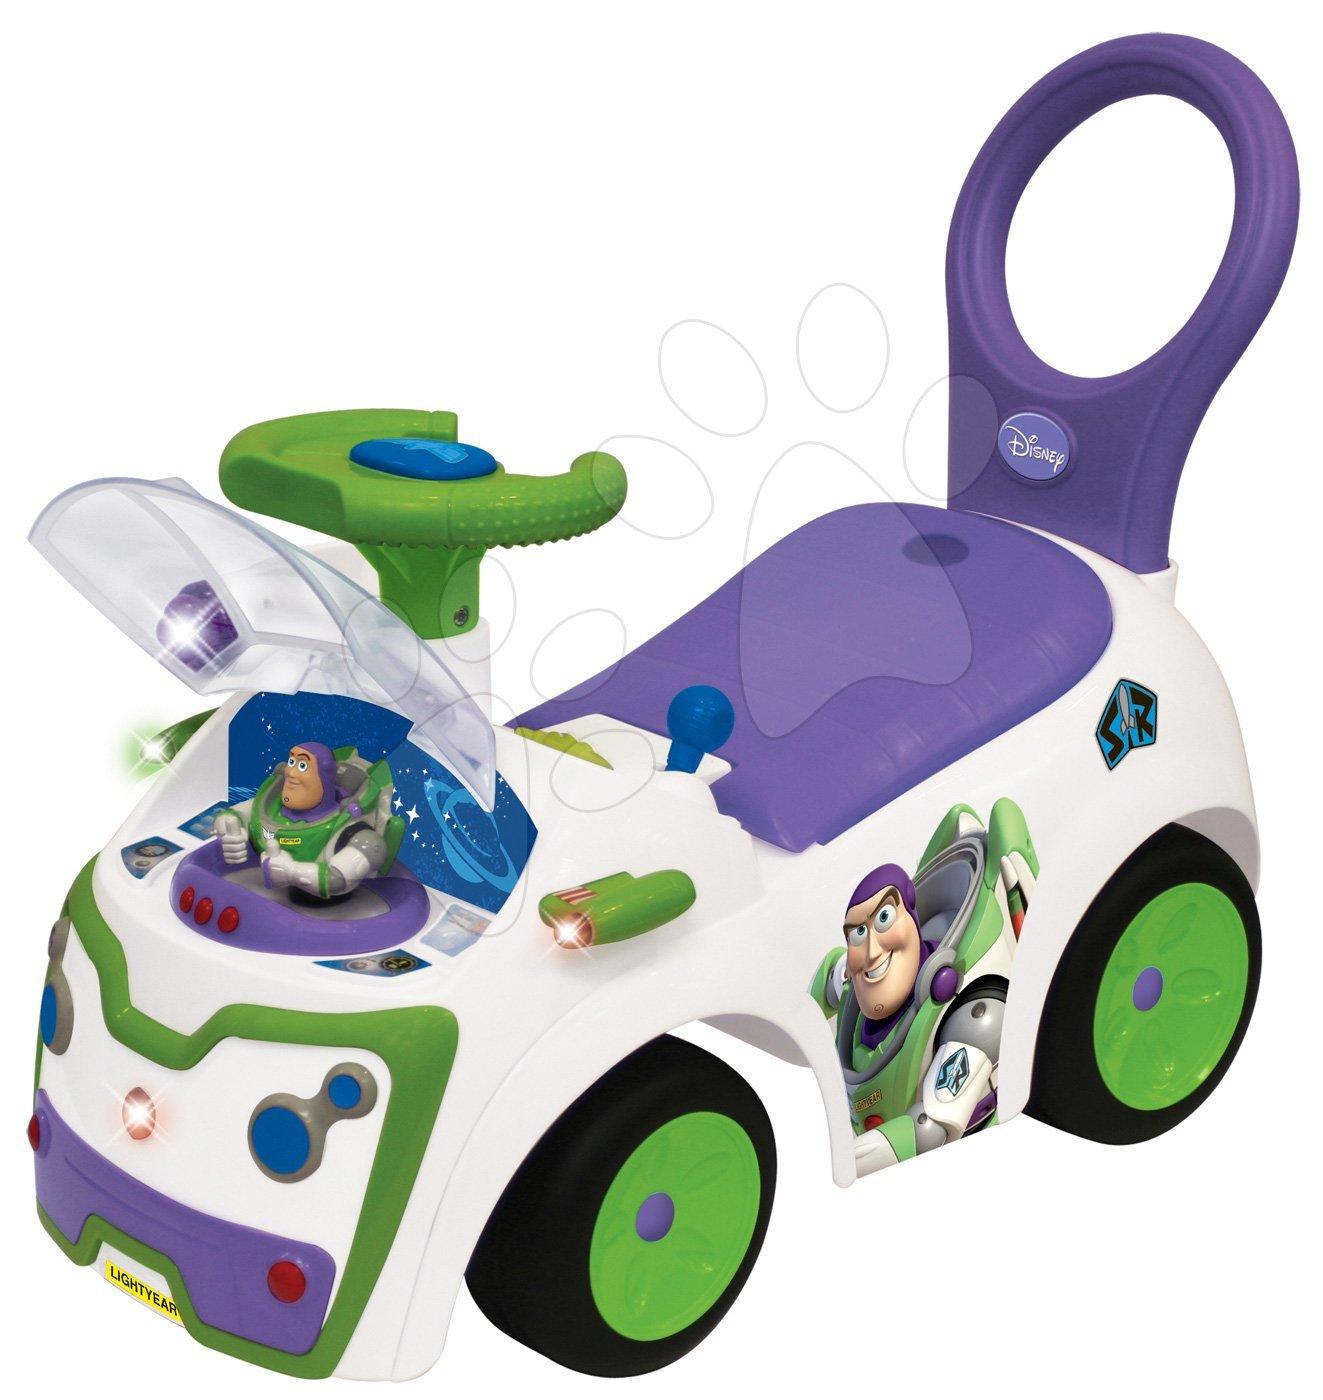 Bébitaxi Toy Story Kiddieland hangeffektekkel, villannyal, különböző funkciókkal